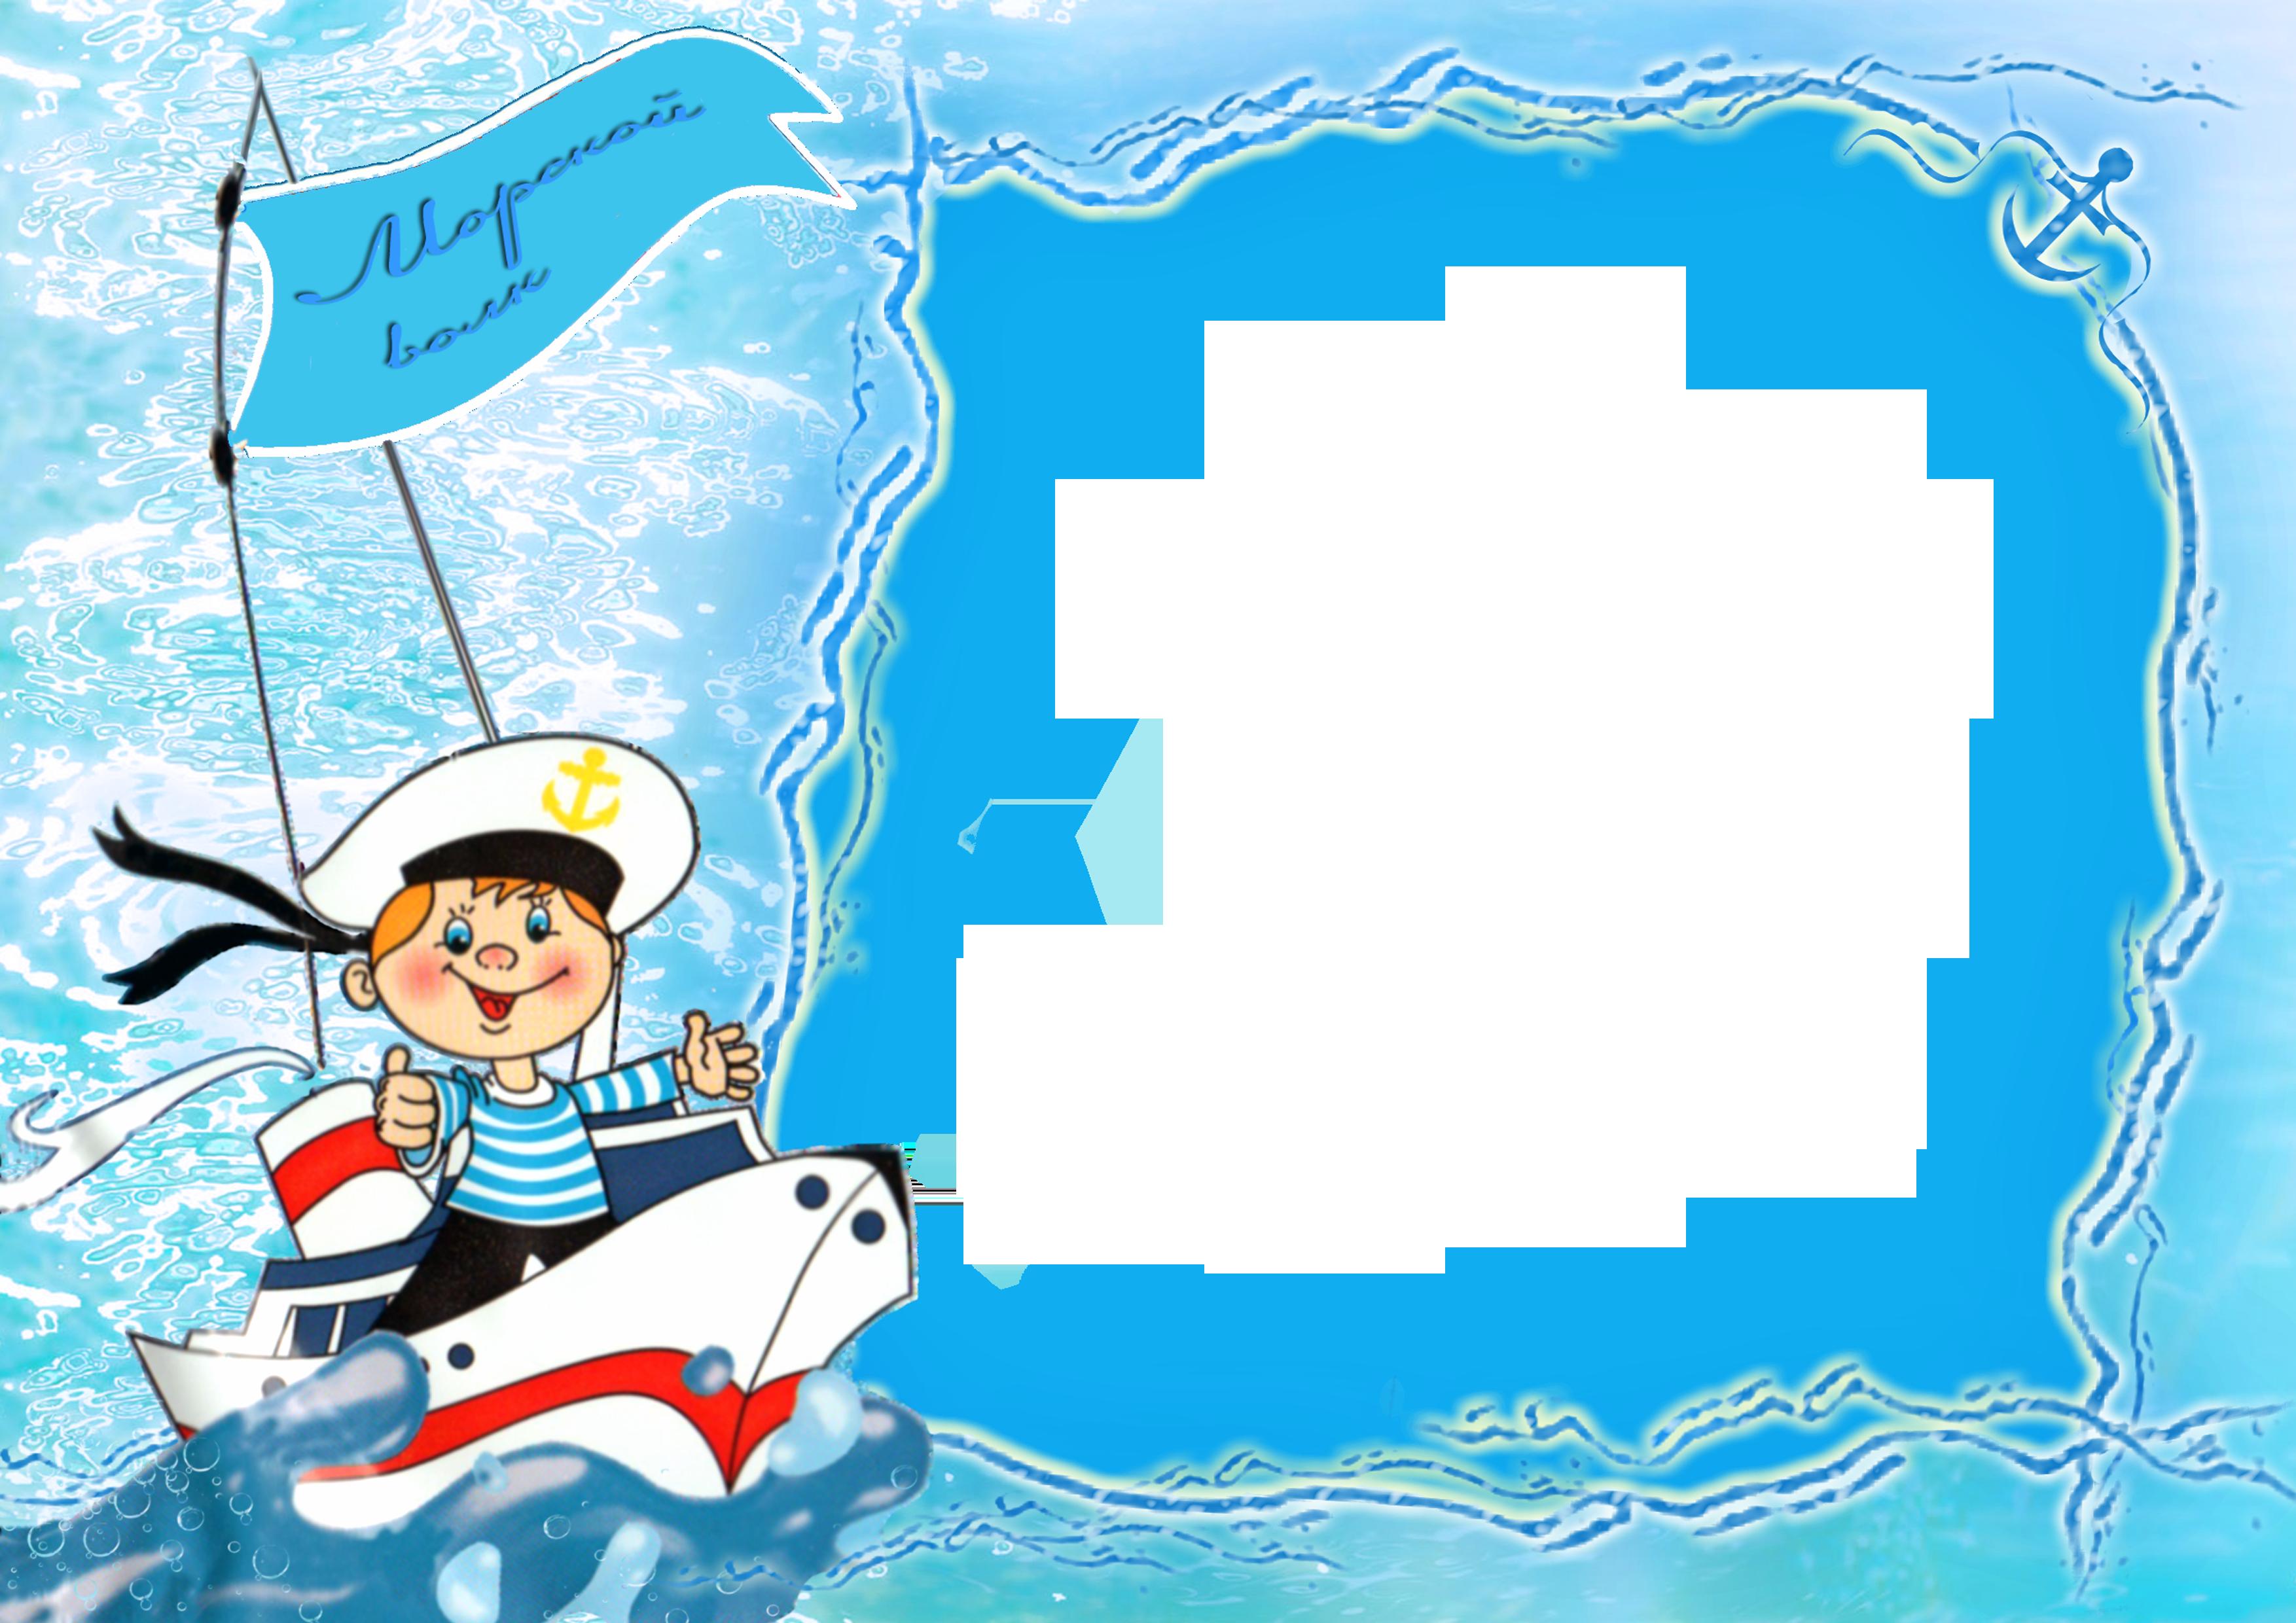 Опубликовал. Рамка для фото Морской волк. PNG, 300dpi, А4. Автор